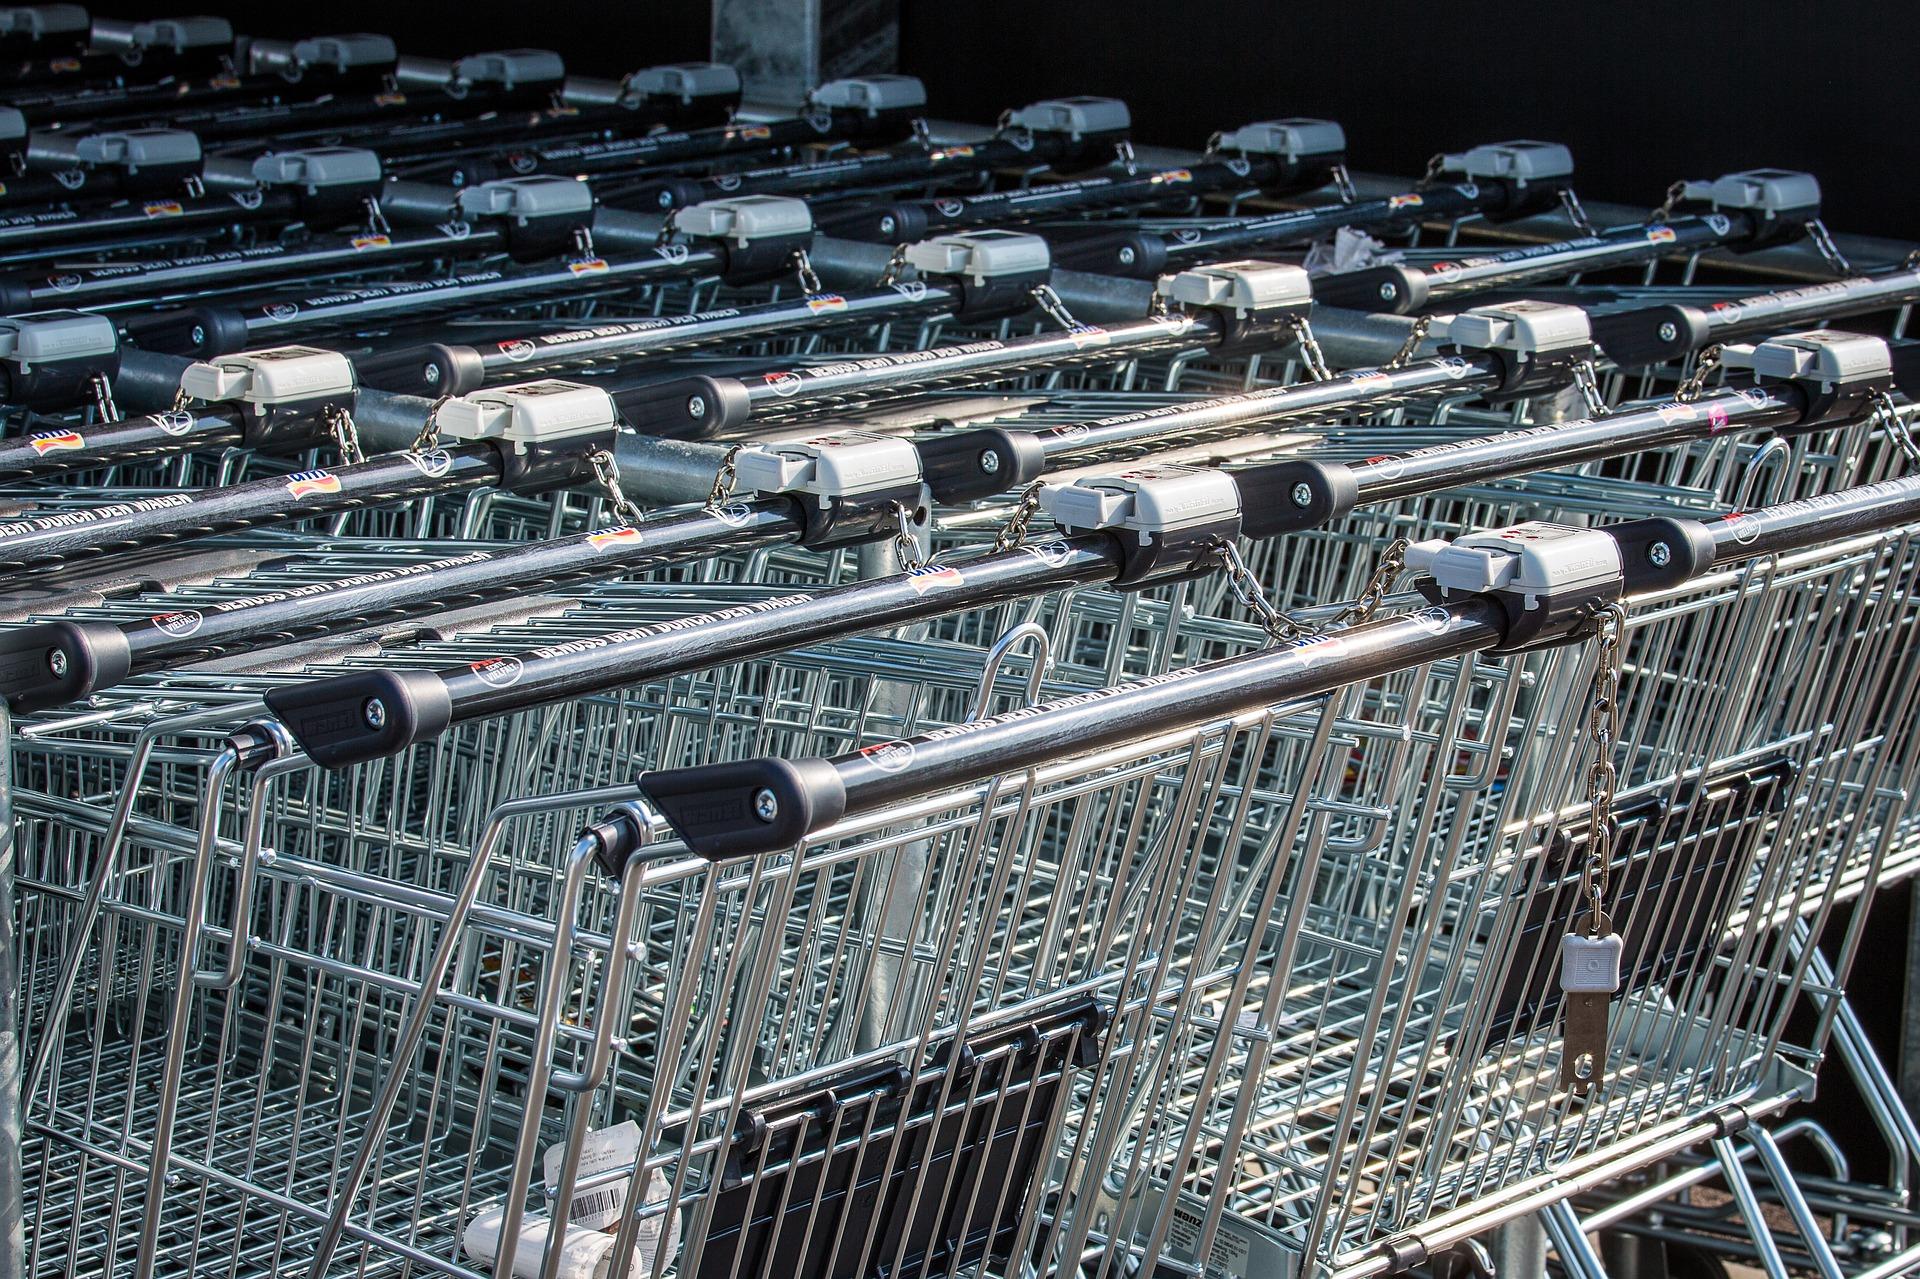 Polacy zaoszczędzili na zakazie handlu w niedzielę